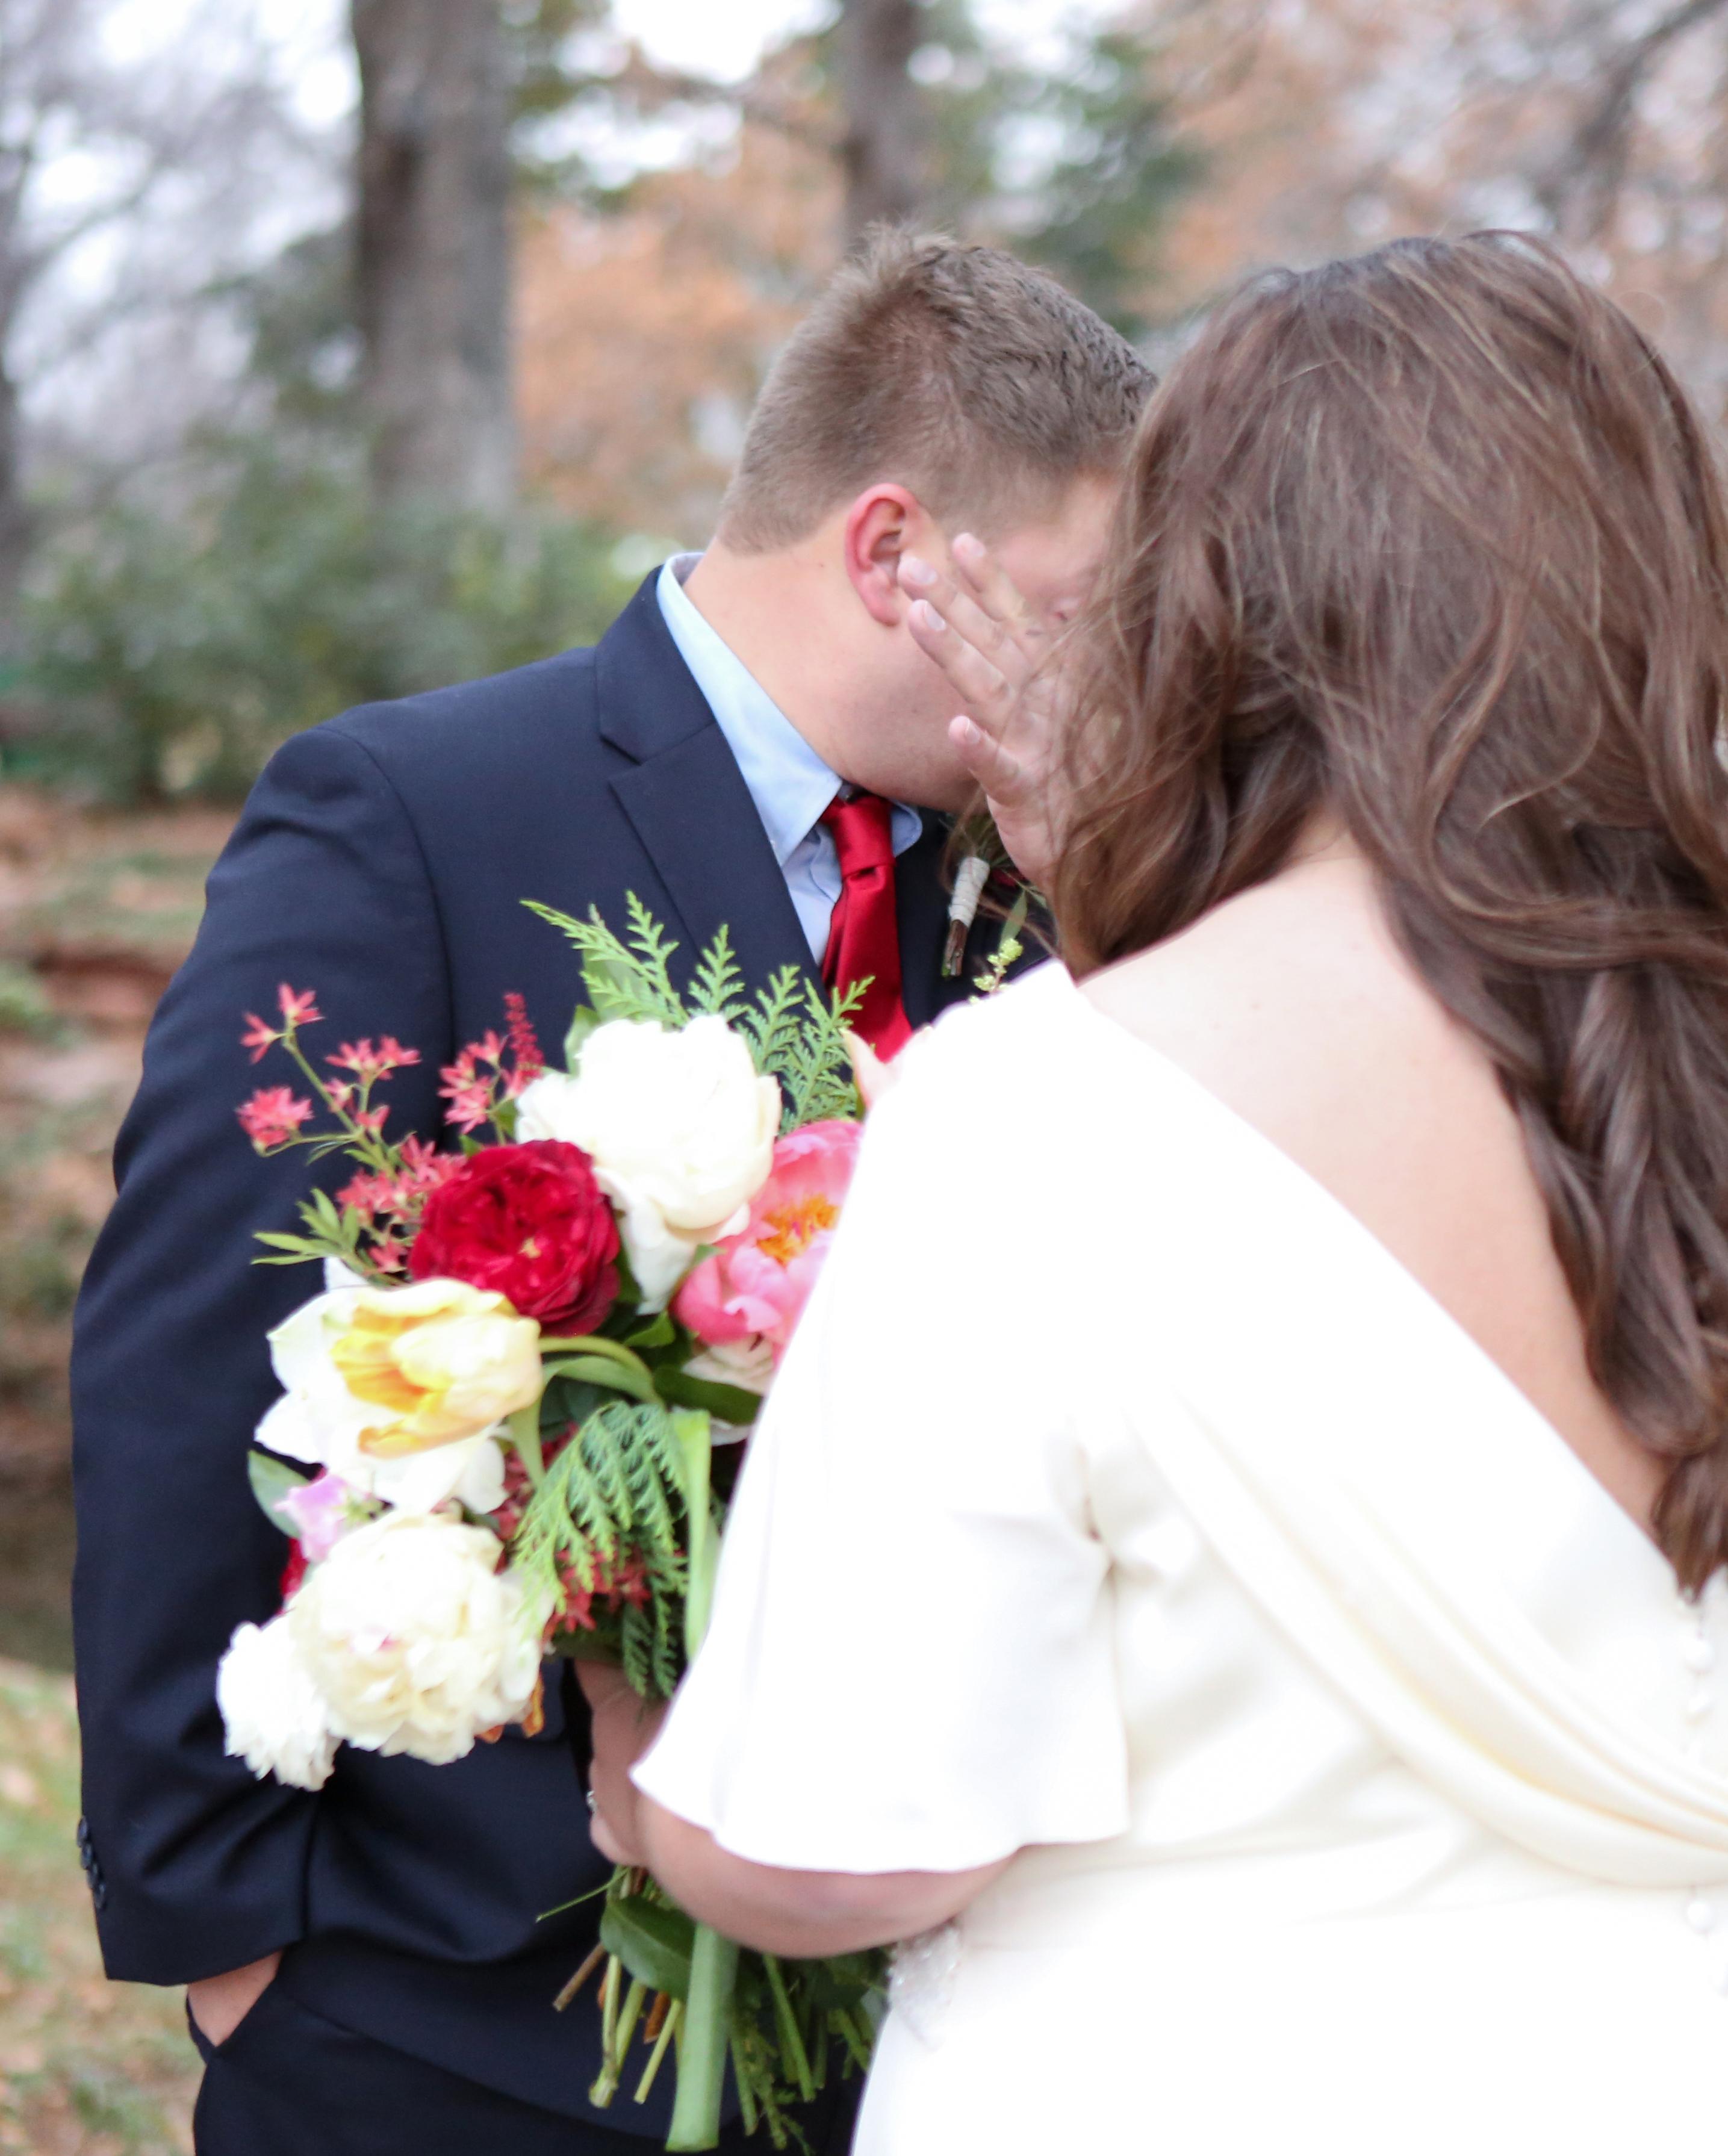 jessie-justin-wedding-firstlook-32-s112135-0915.jpg